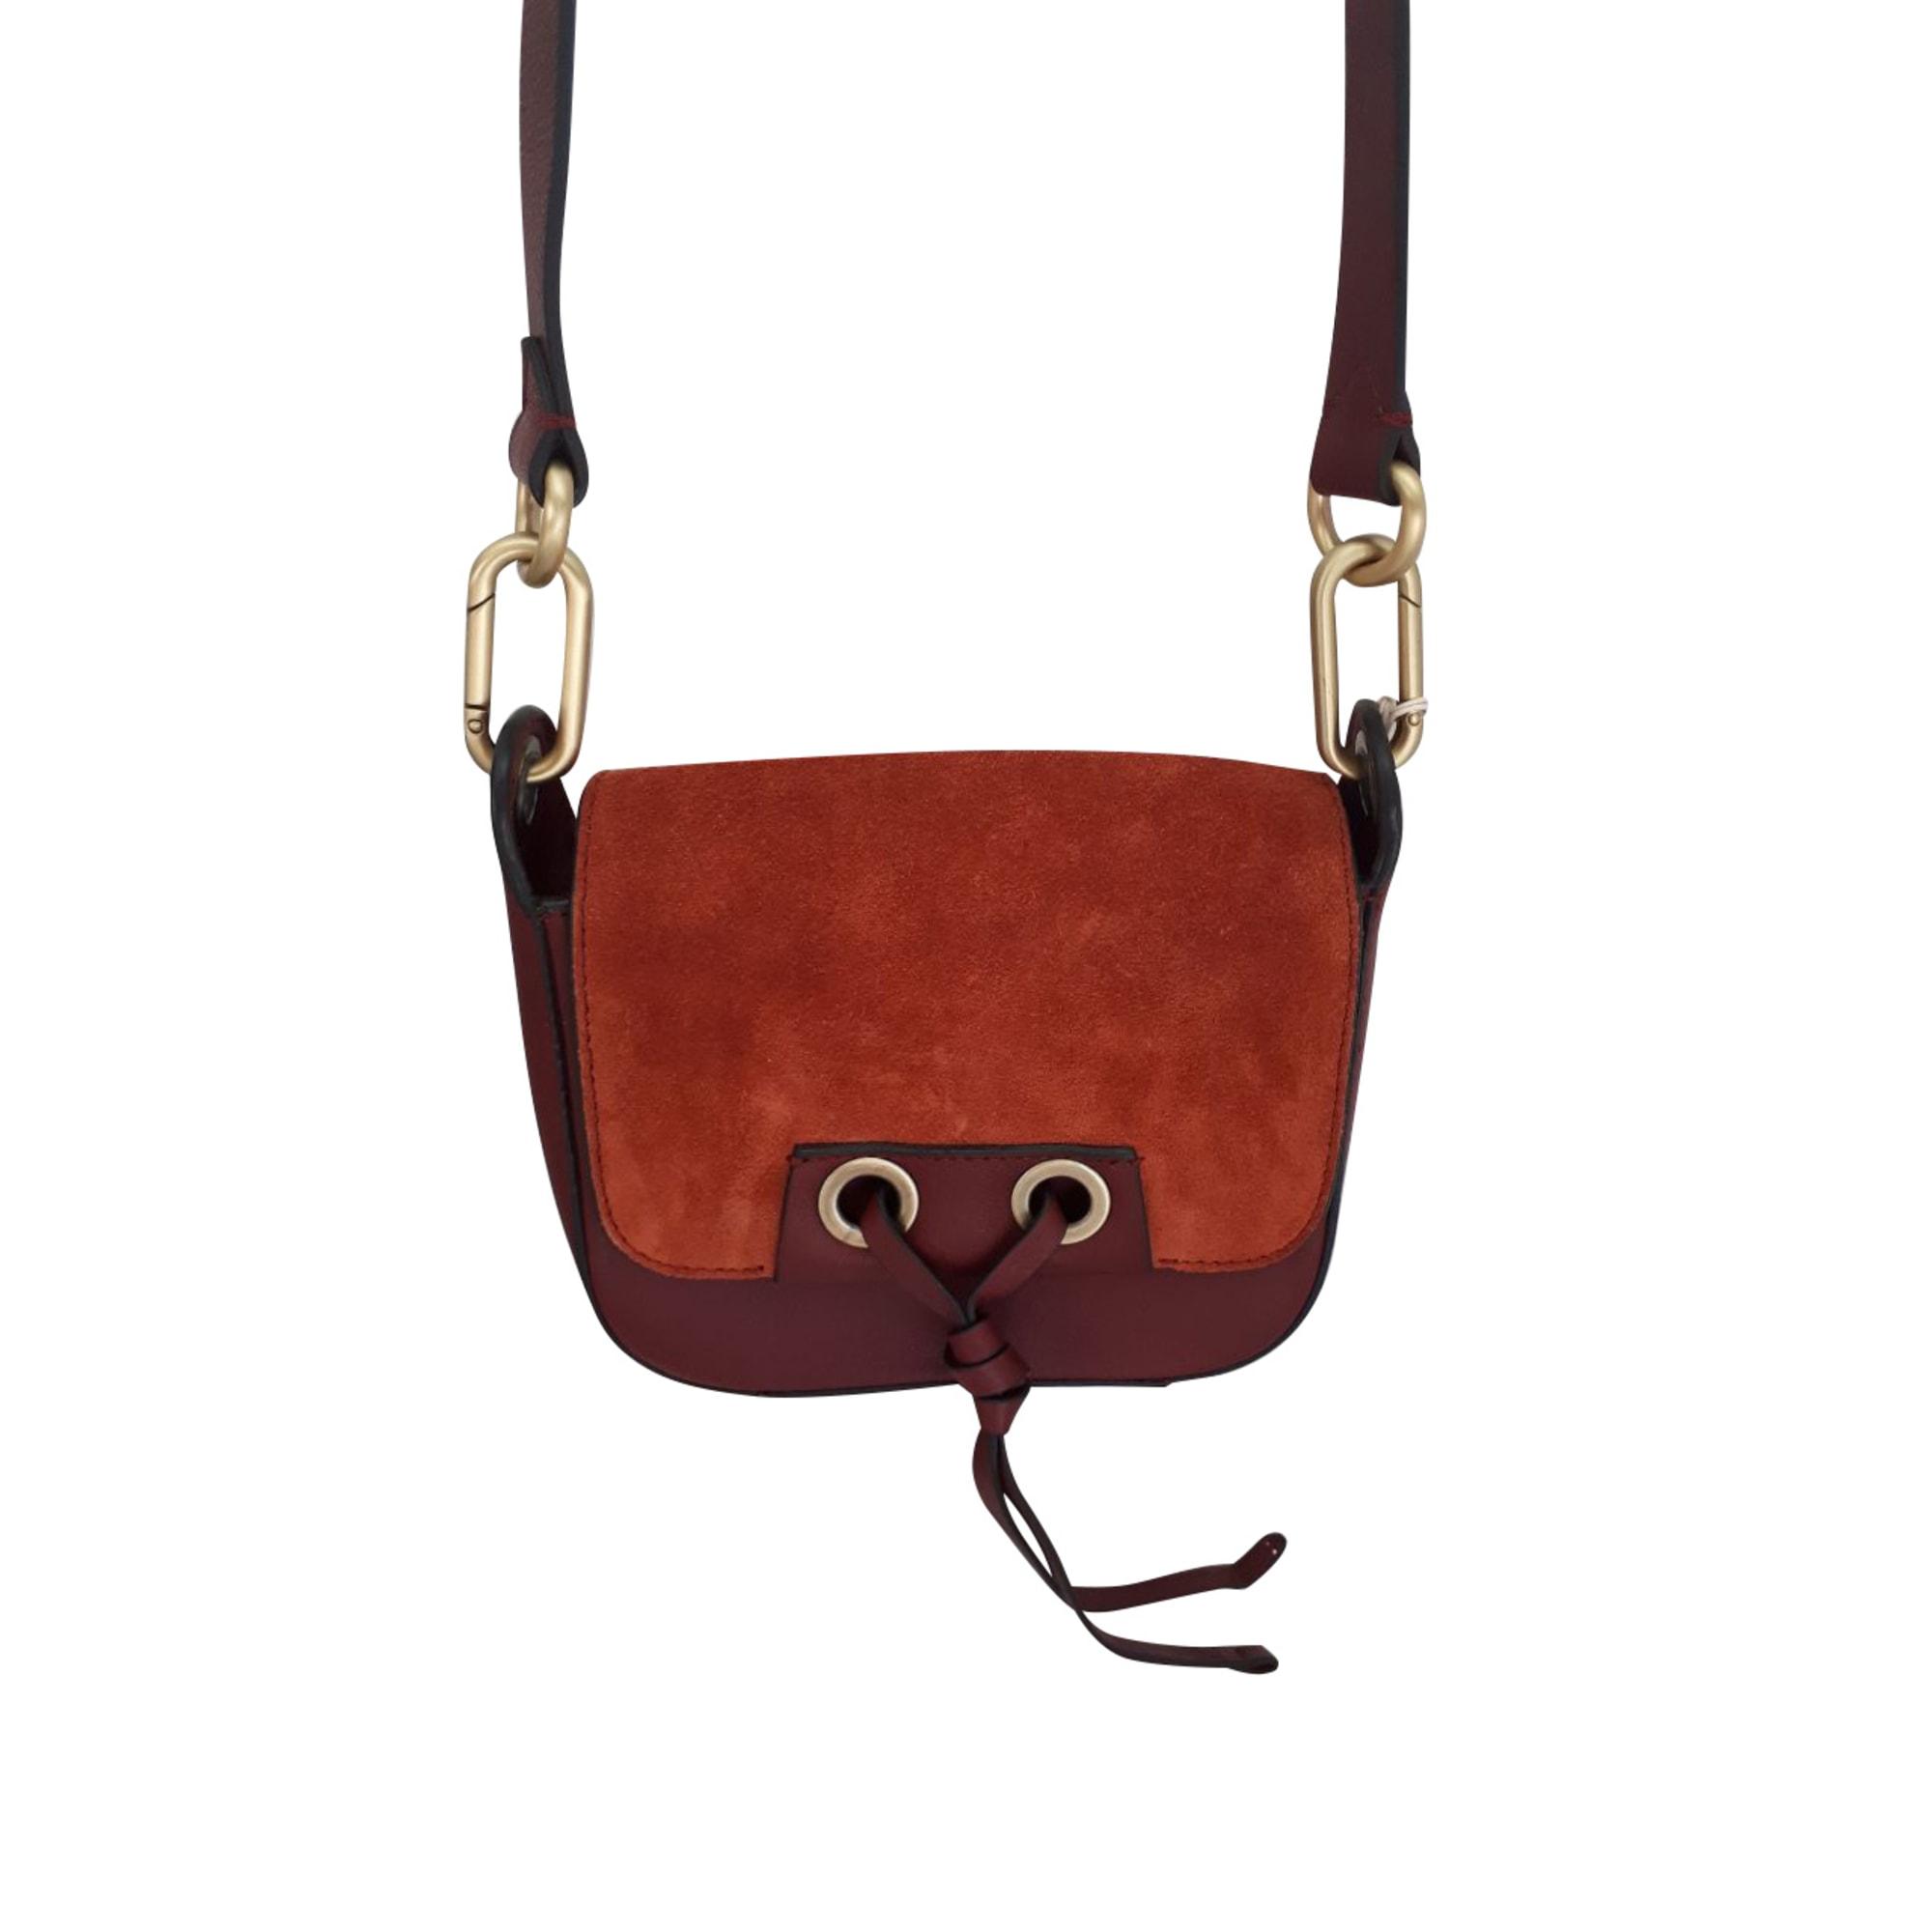 Leather Shoulder Bag VANESSA BRUNO Red, burgundy